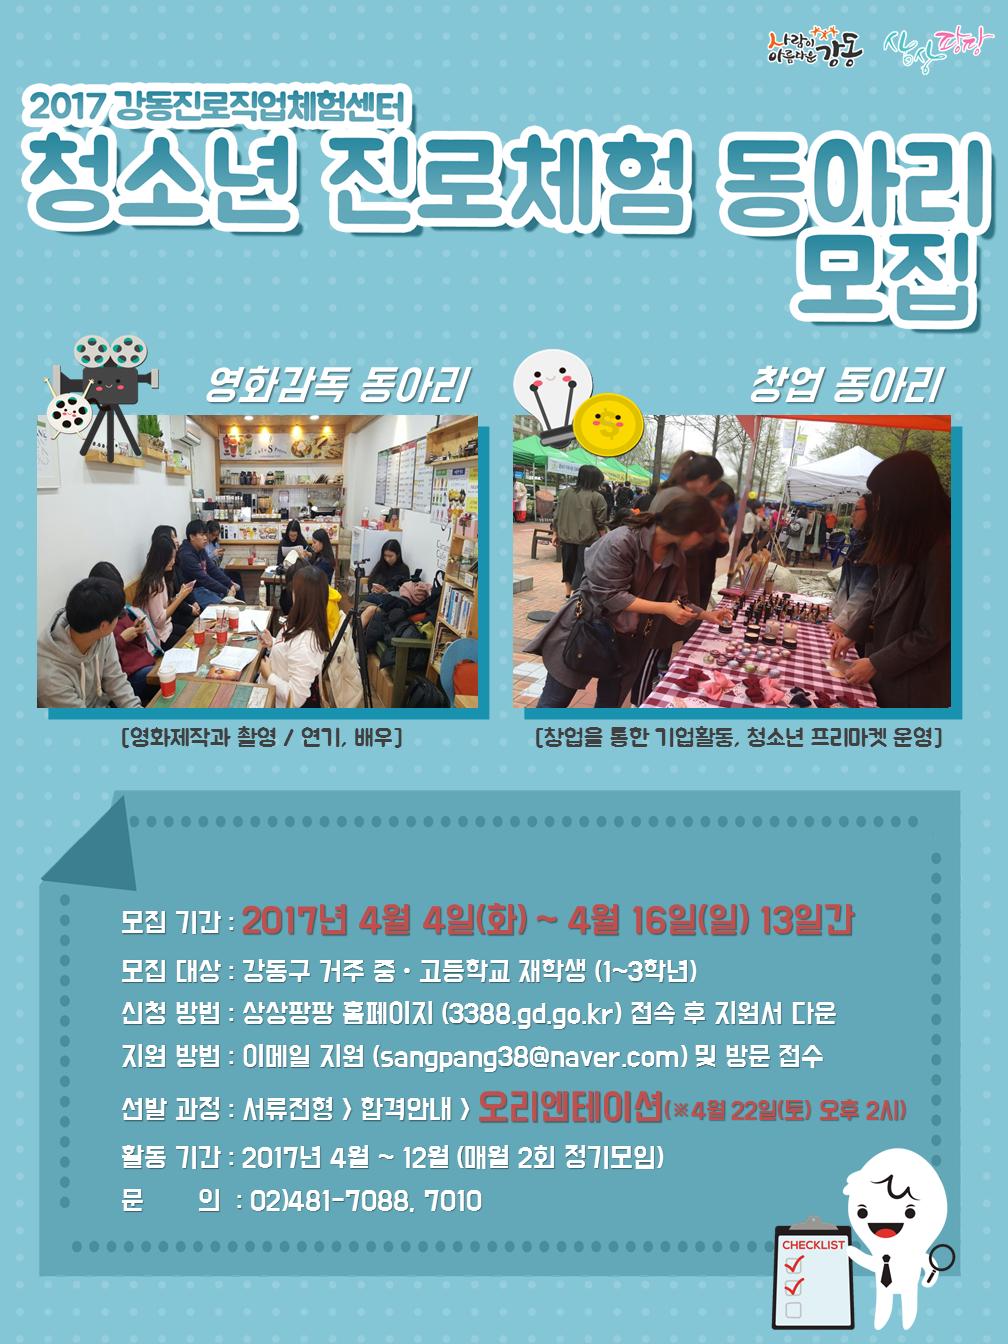 2017 강동진로직업체험센터 진로동아리 모집 포스터.png